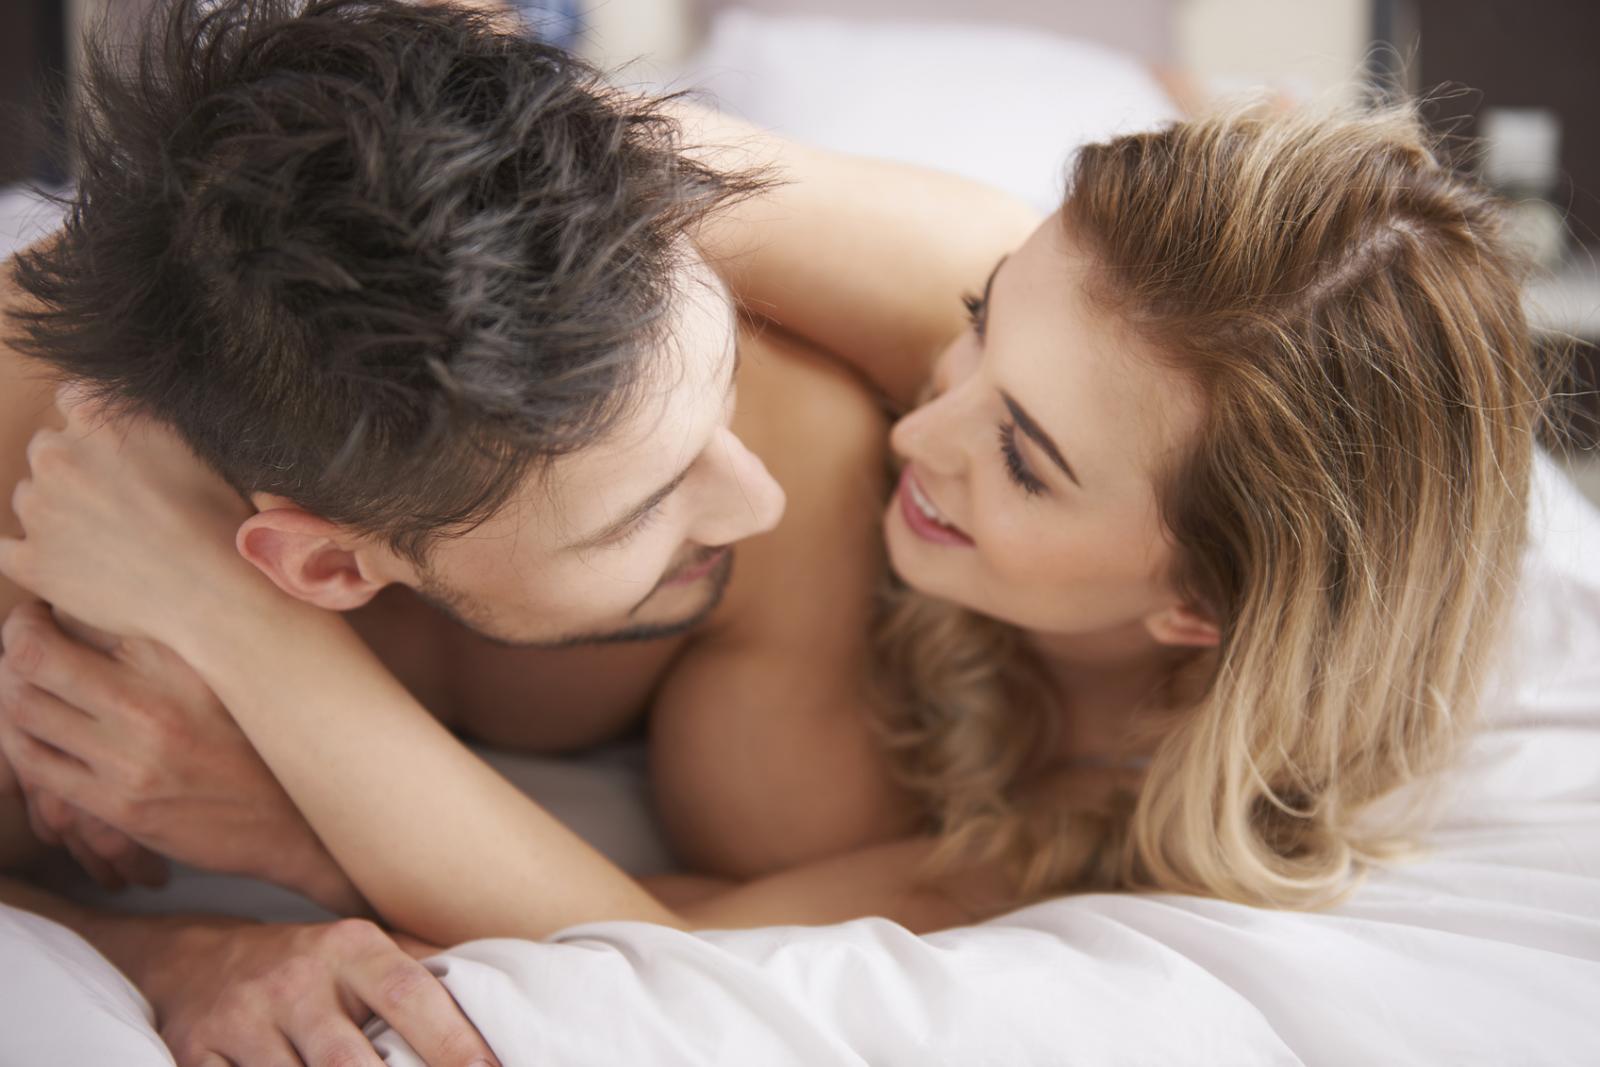 Iskušajte s partnerom nove stvari u seksu da bi izbjegli monotoniju.